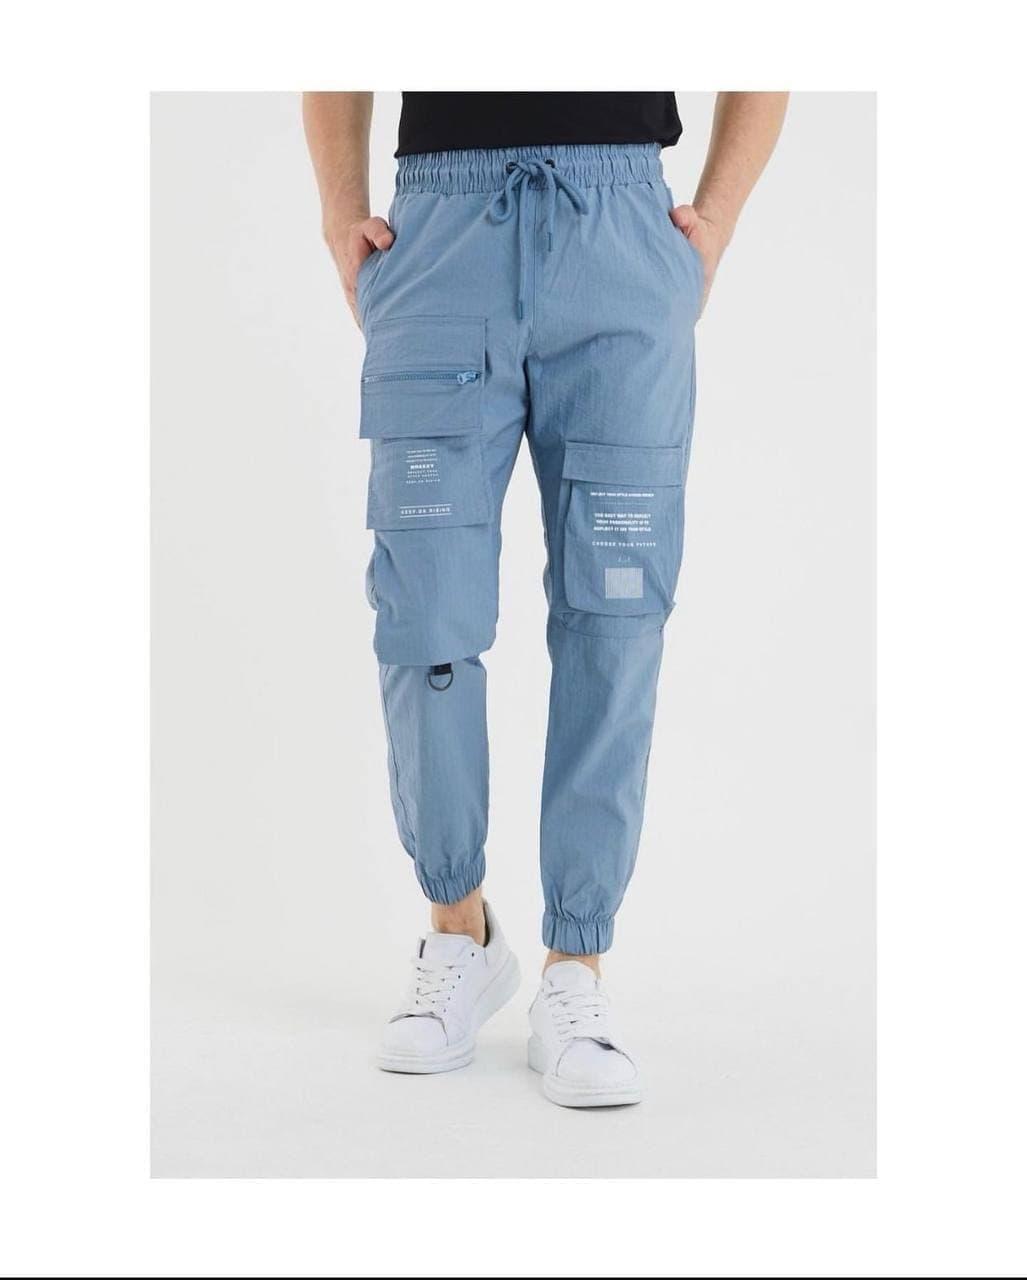 Спортивні штани - Сині спортивні штани вільного крою / спортивні голубі штани з манжетами